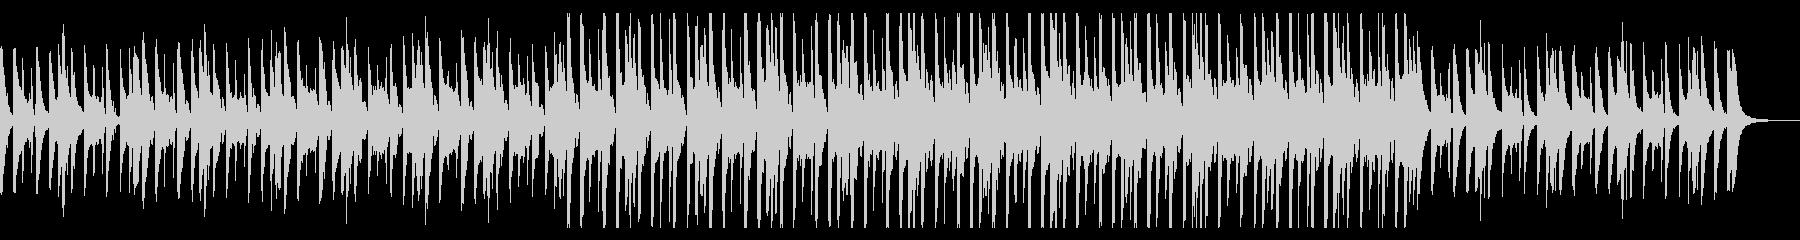 ハネ感の可愛いシンセサイザーのポップな曲の未再生の波形